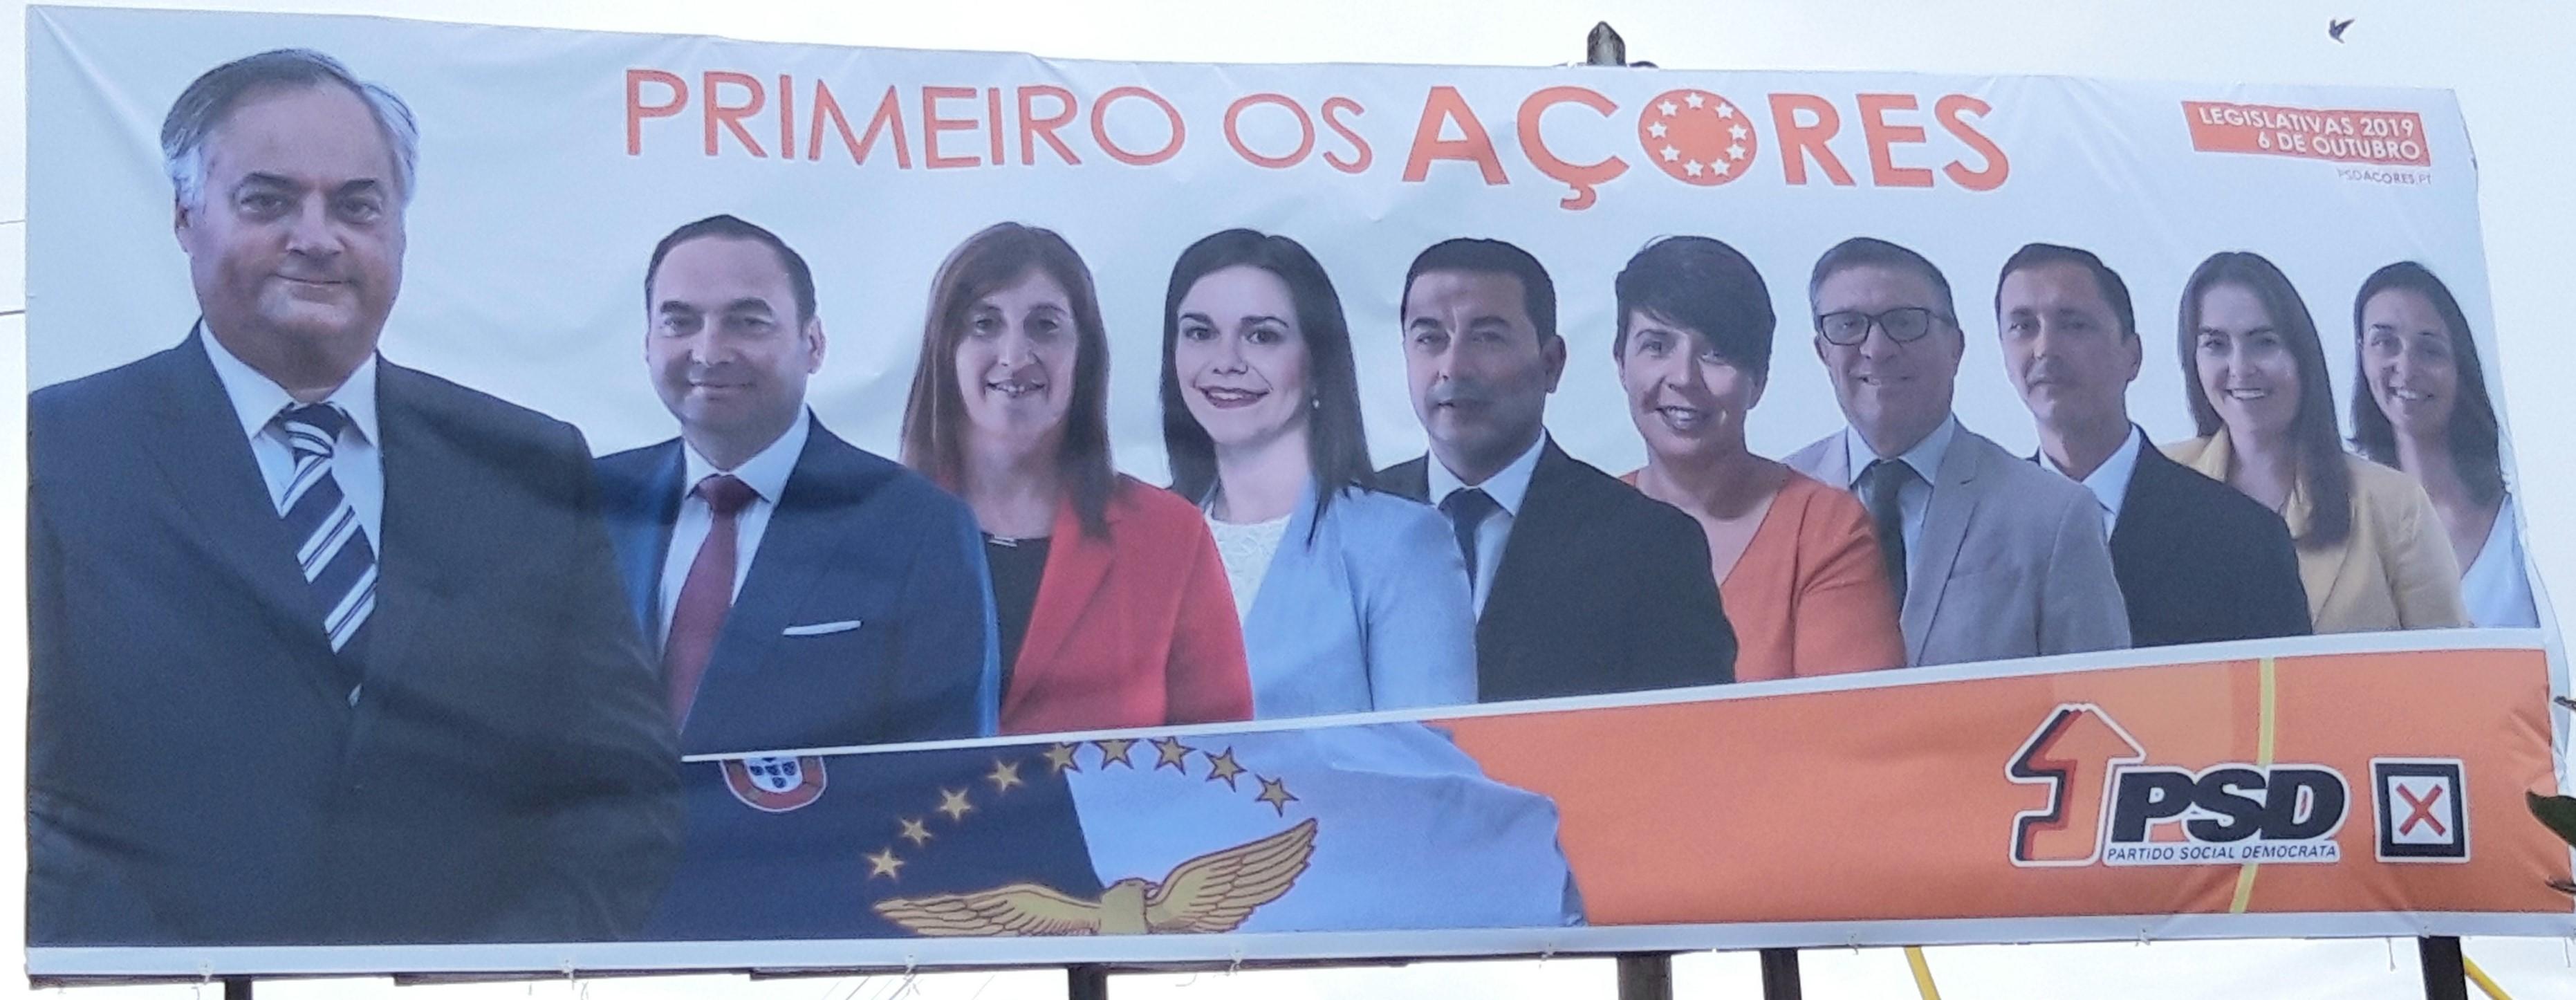 PSD_2019_Acores